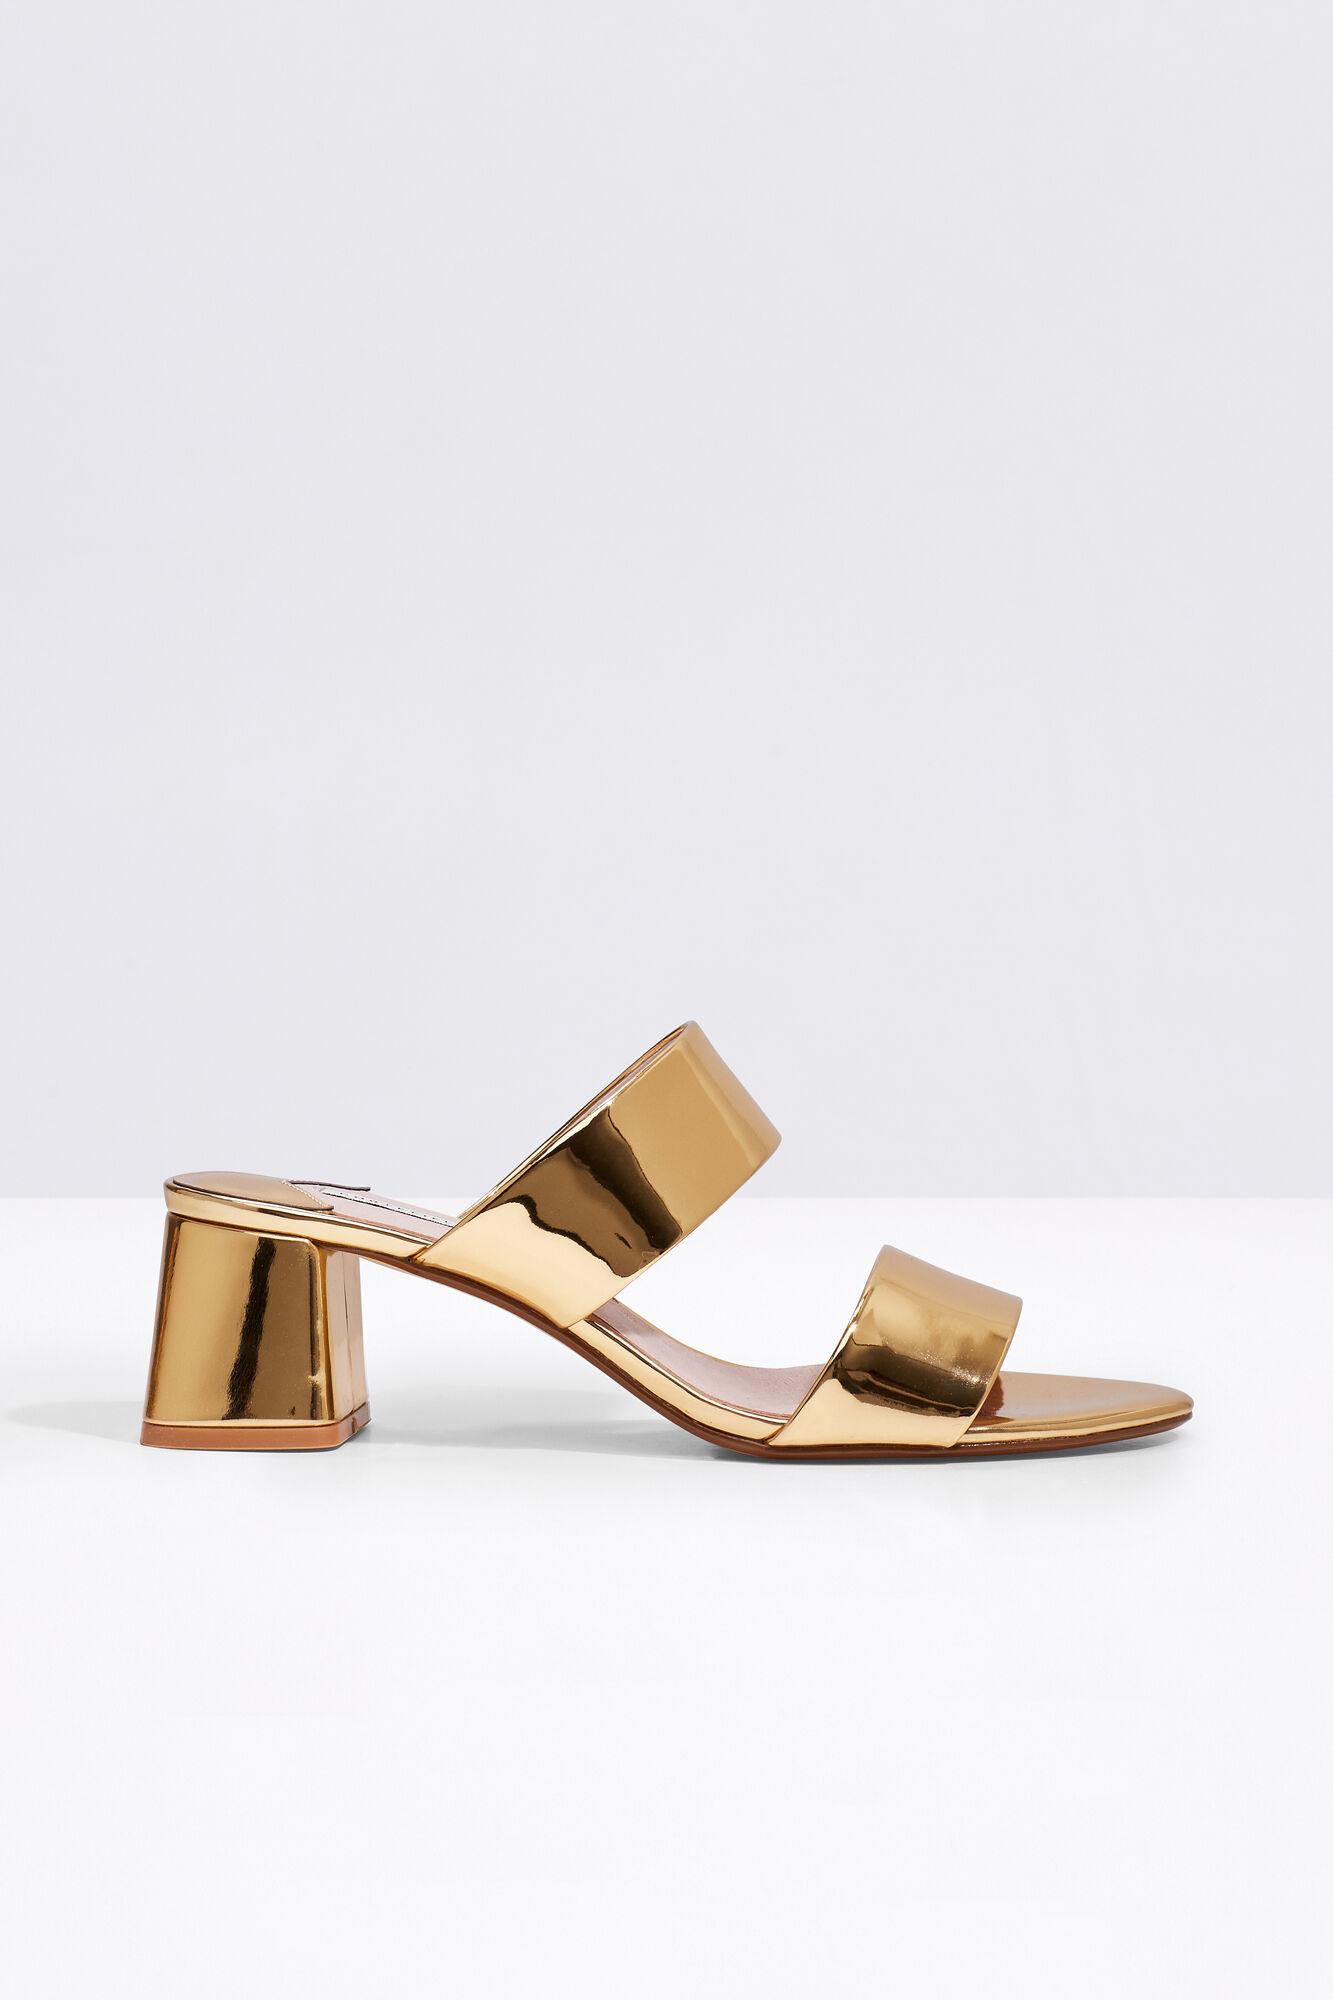 855e06c93a18b Gold sandal